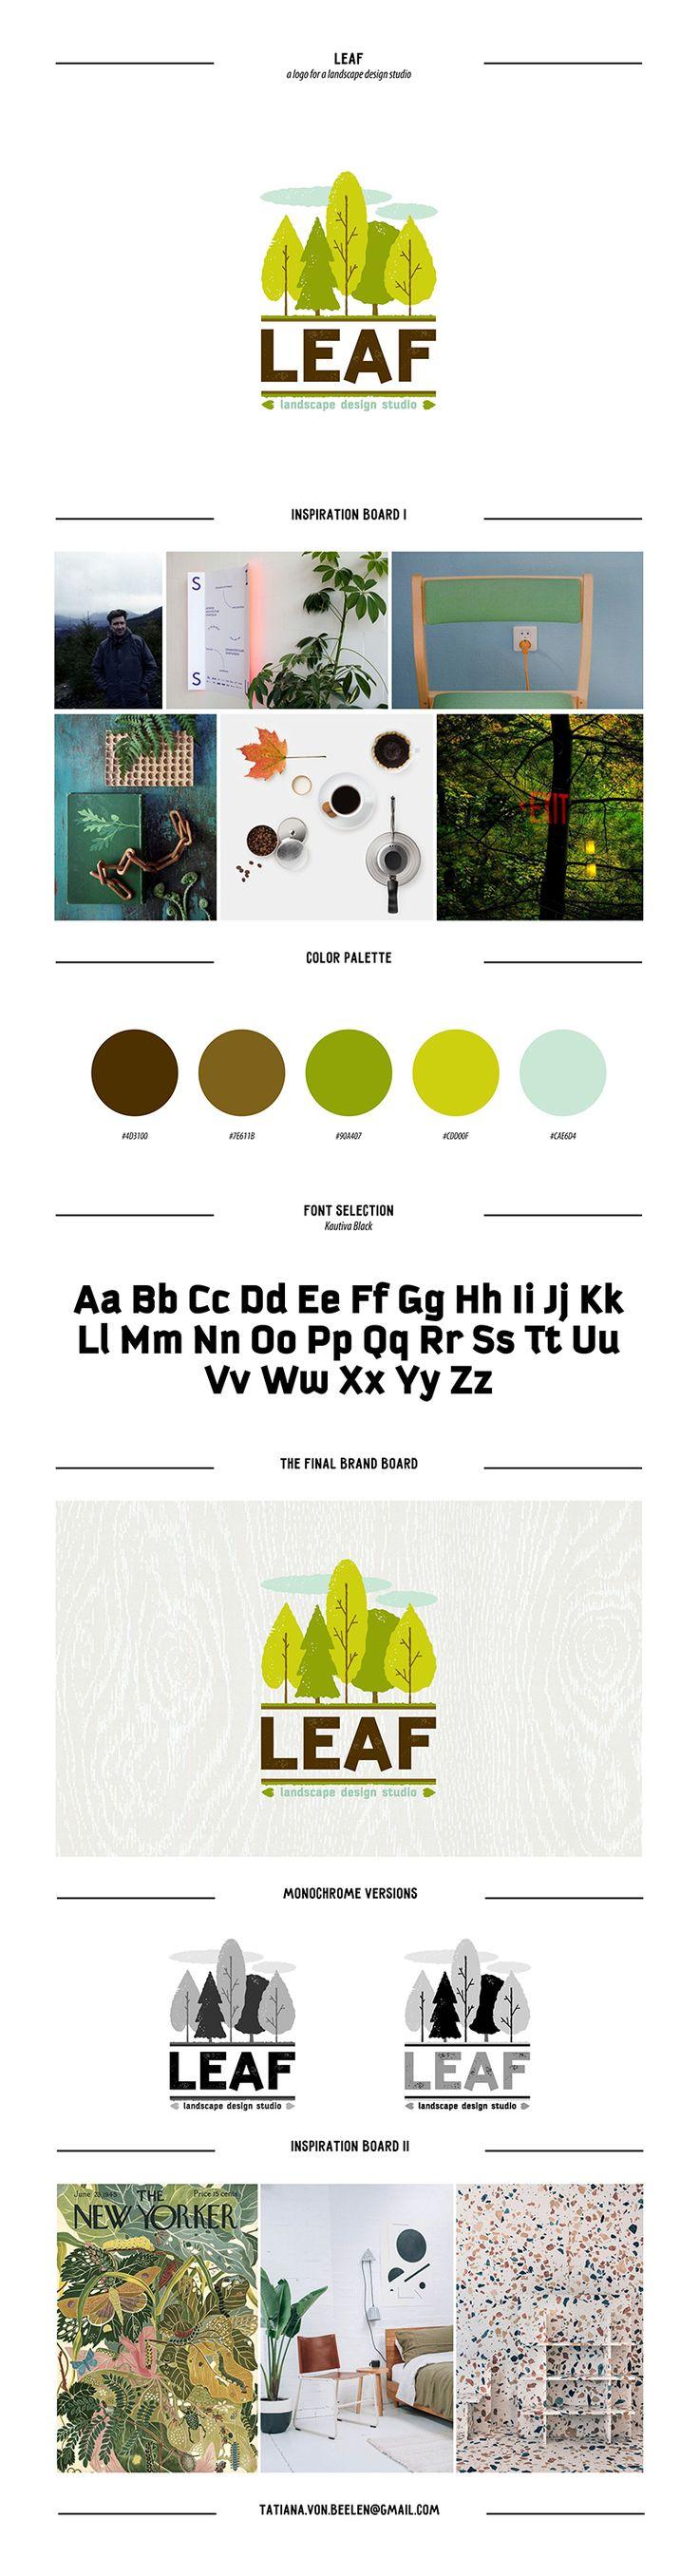 Leaf landscape design studio logo on Behance